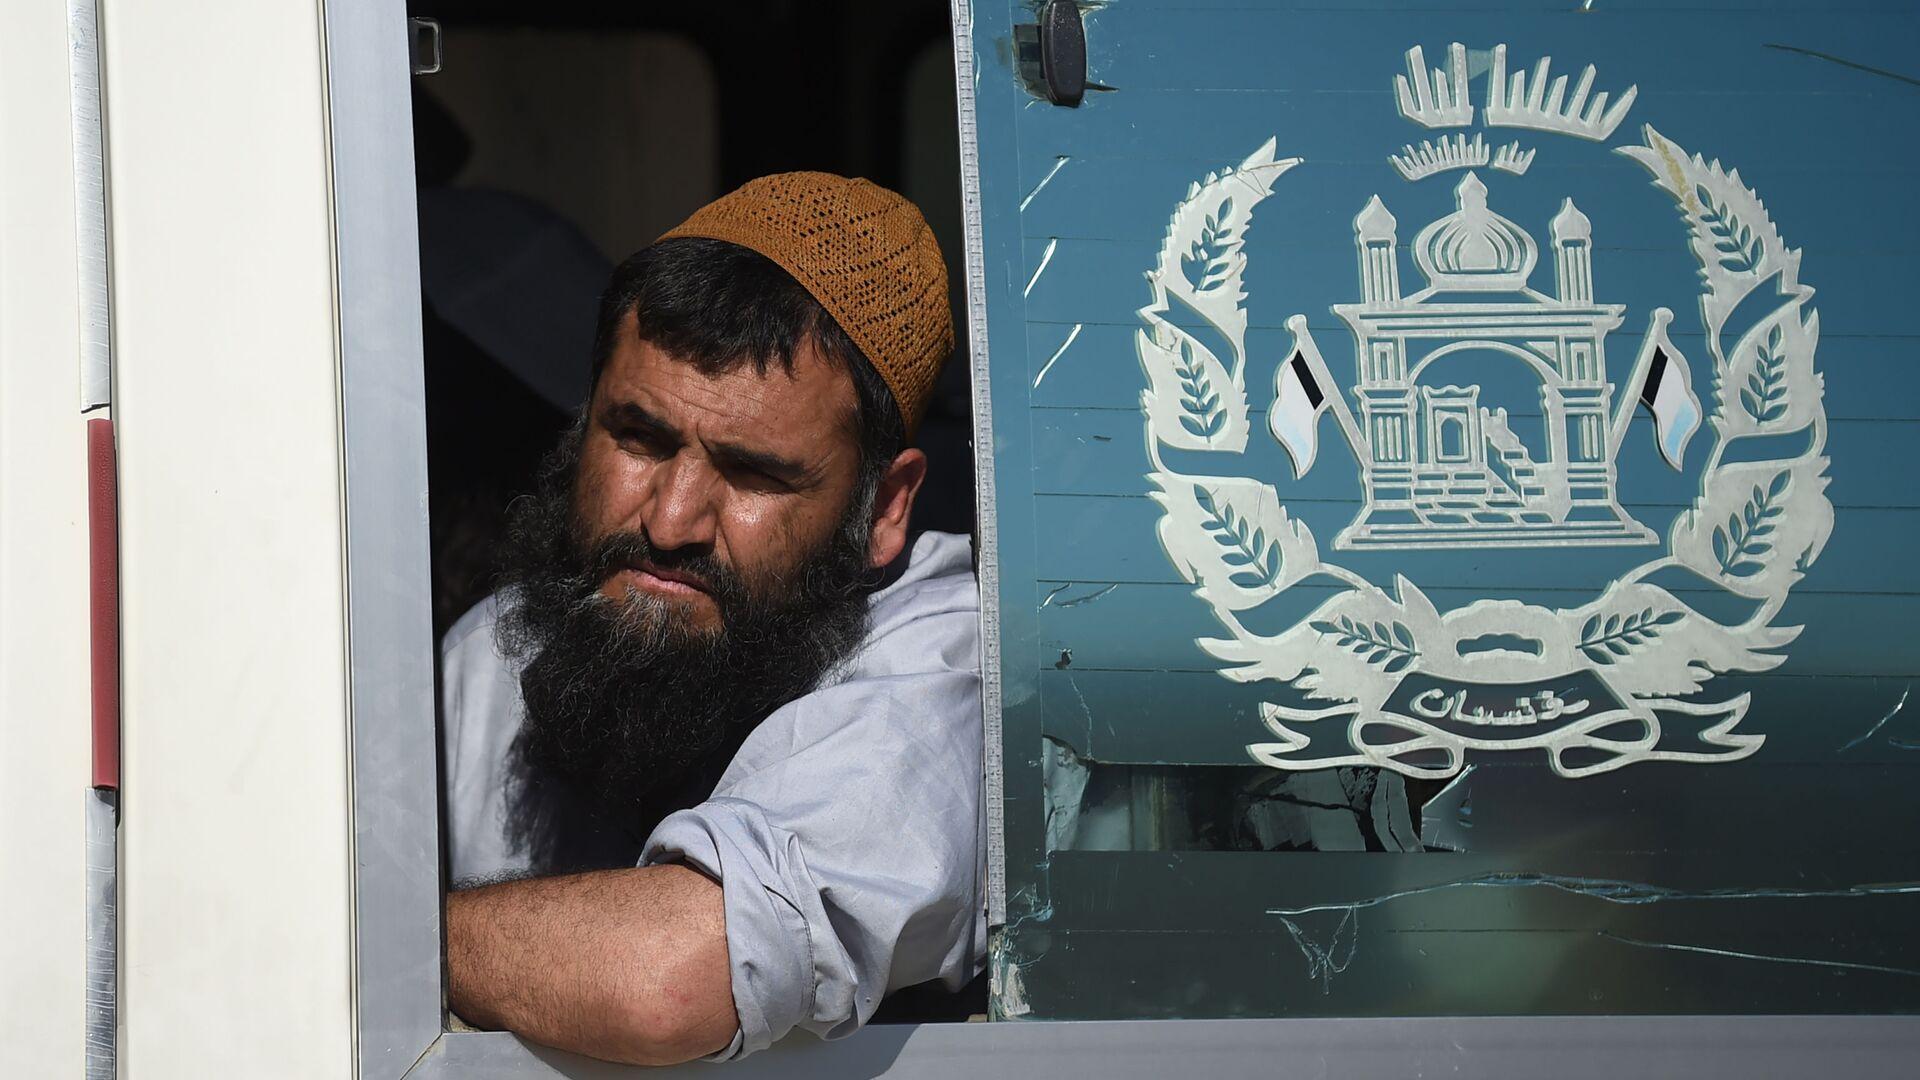 Талиб смотрит из автобуса во время после освобождения из тюрьмы Баграм, Афганистан - Sputnik Таджикистан, 1920, 13.07.2021